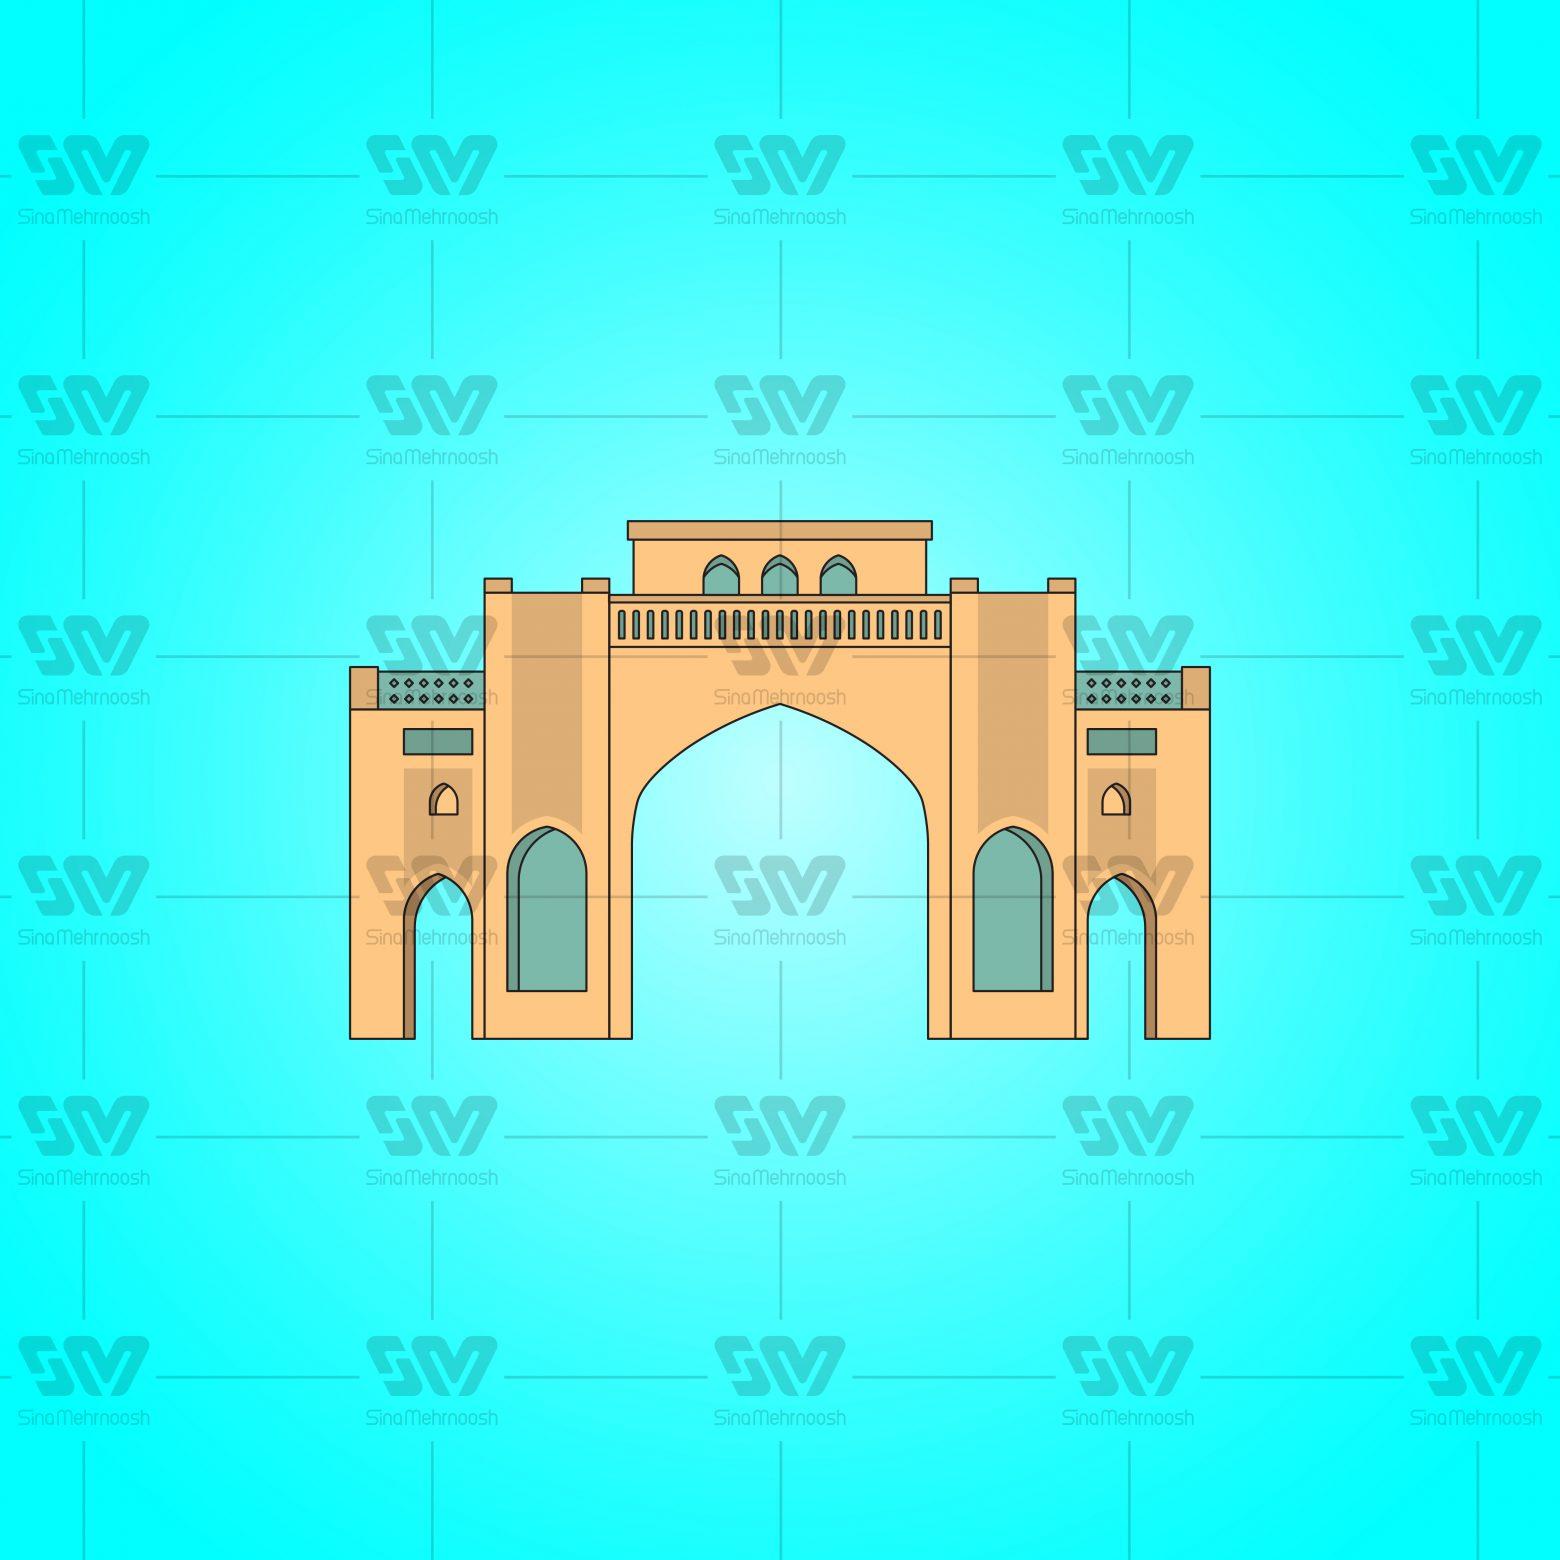 دروازه قرآن 01 1560x1560 - وکتور فایل لایه باز دروازه قرآن شیراز